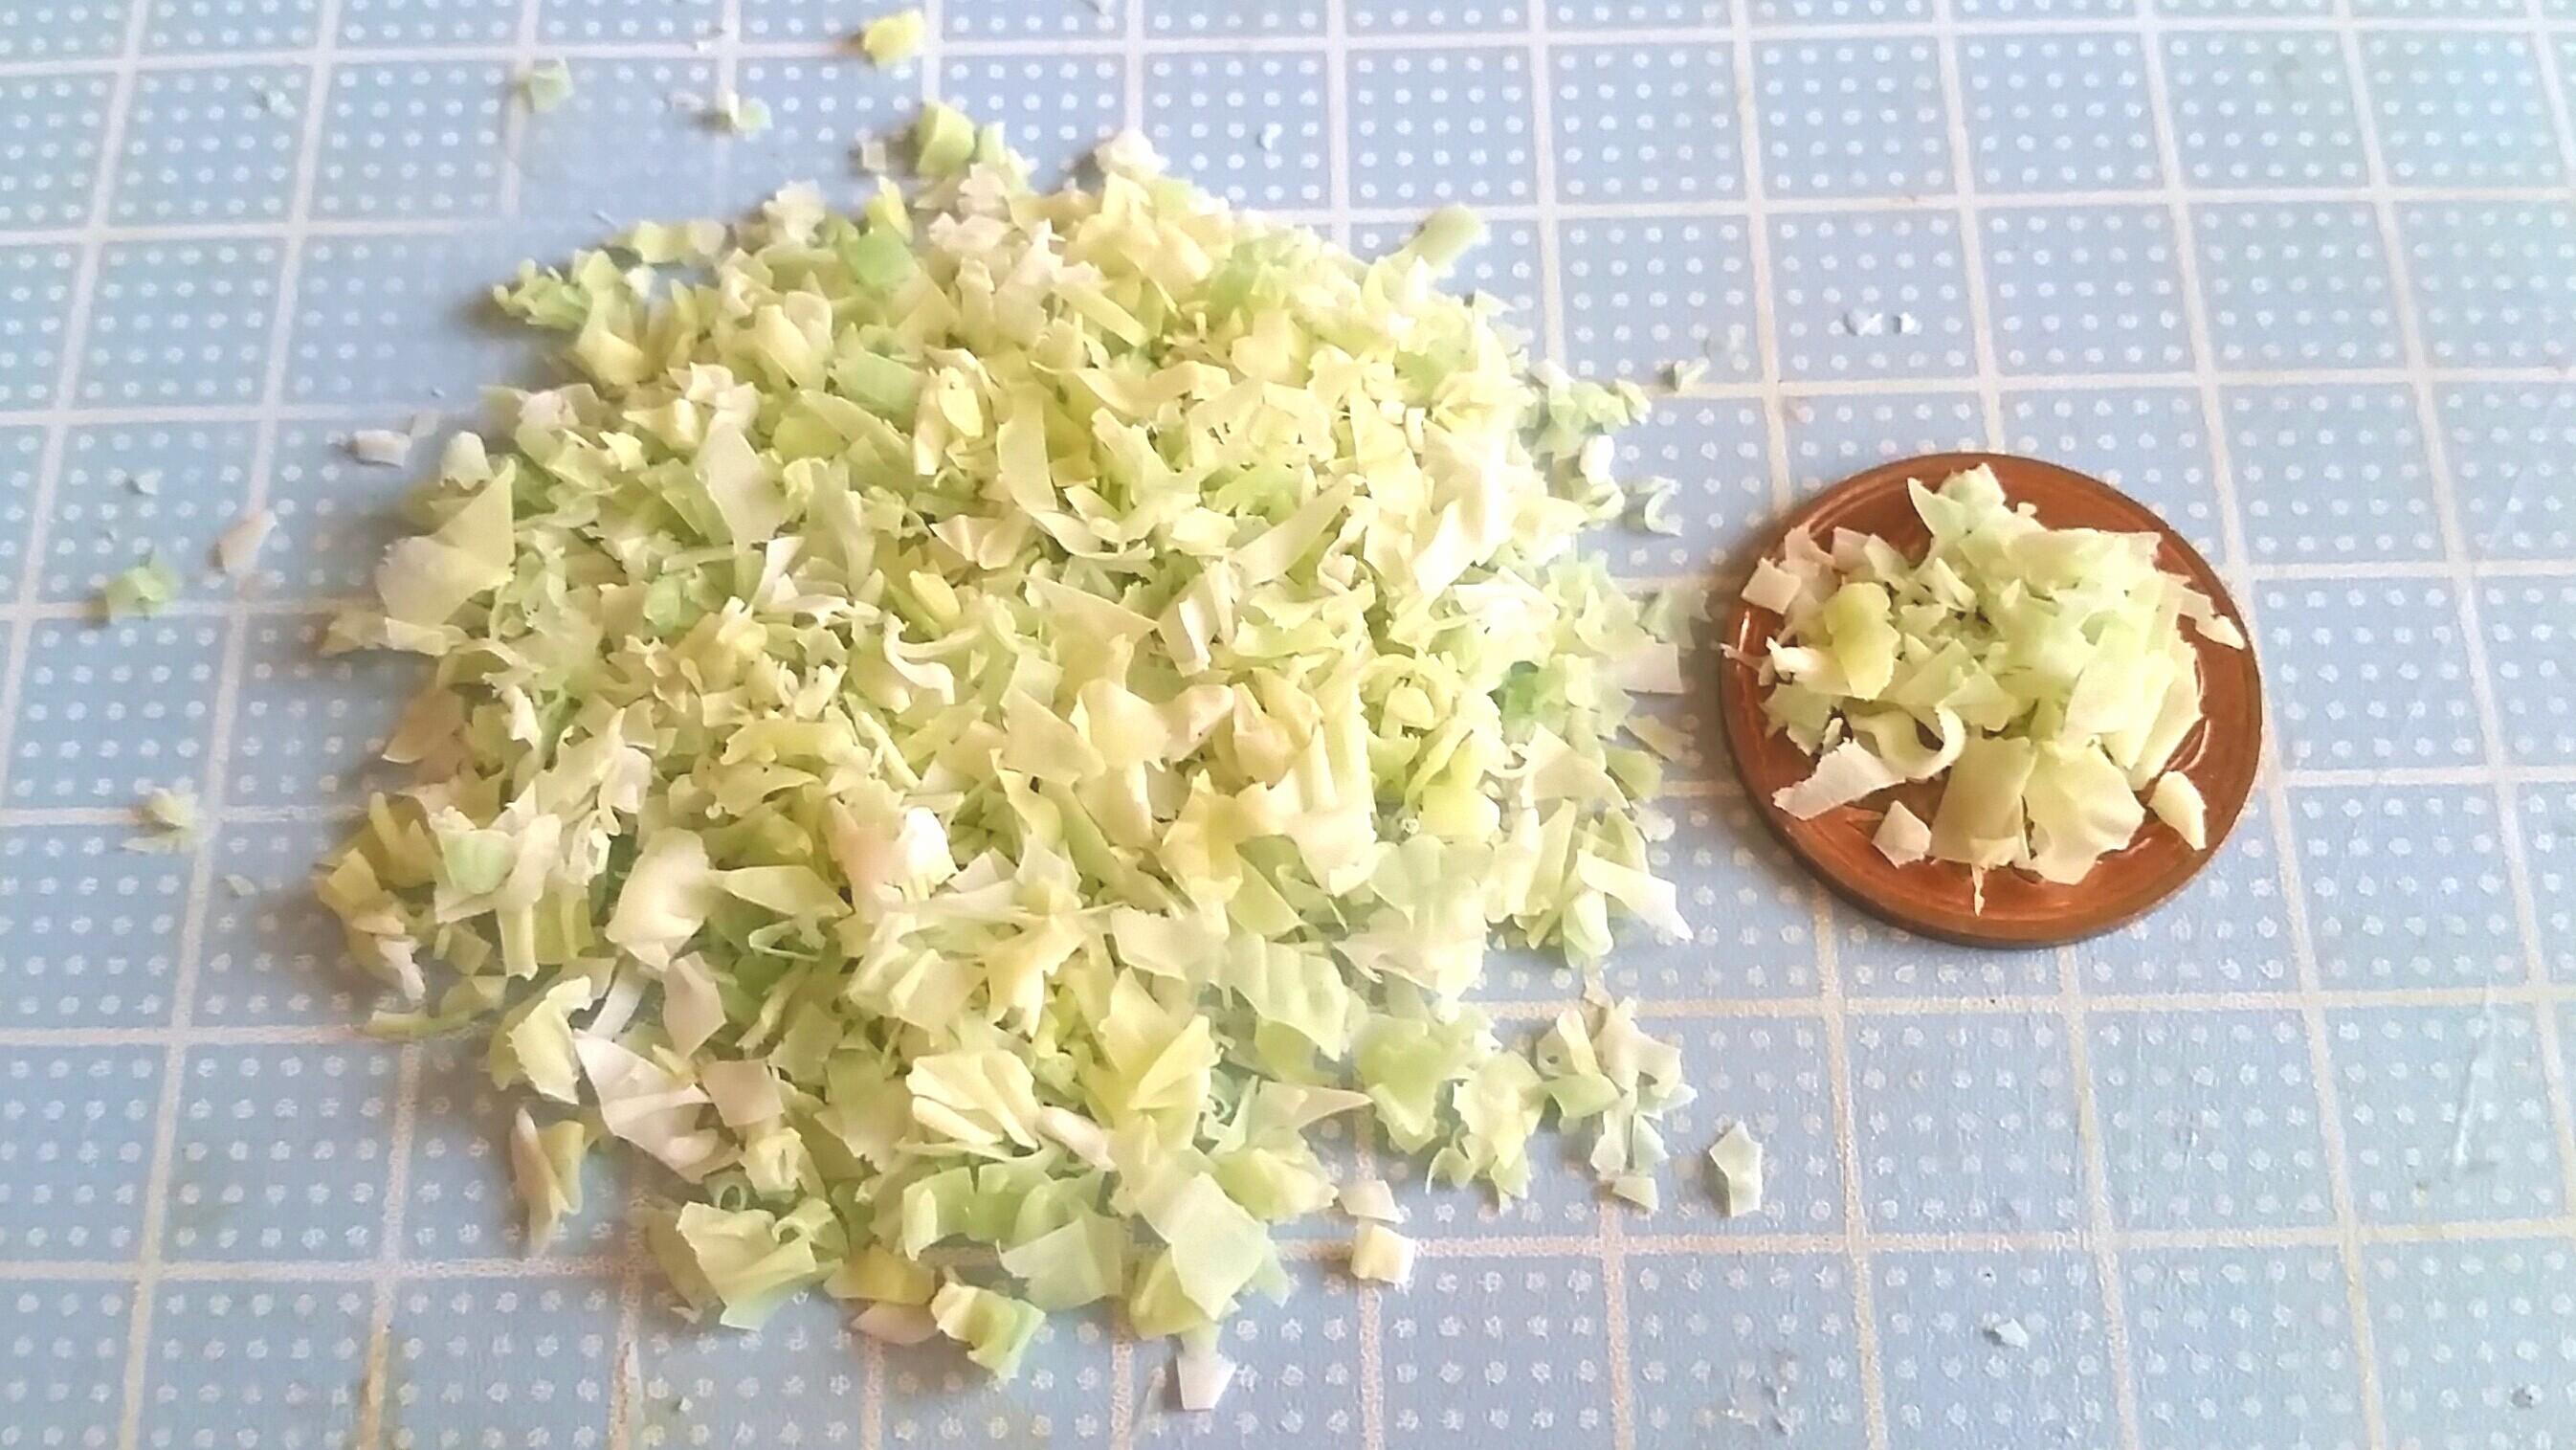 ミニチュアフード,キャベツの作り方,樹脂粘土,おすすめ,よもぎブログ